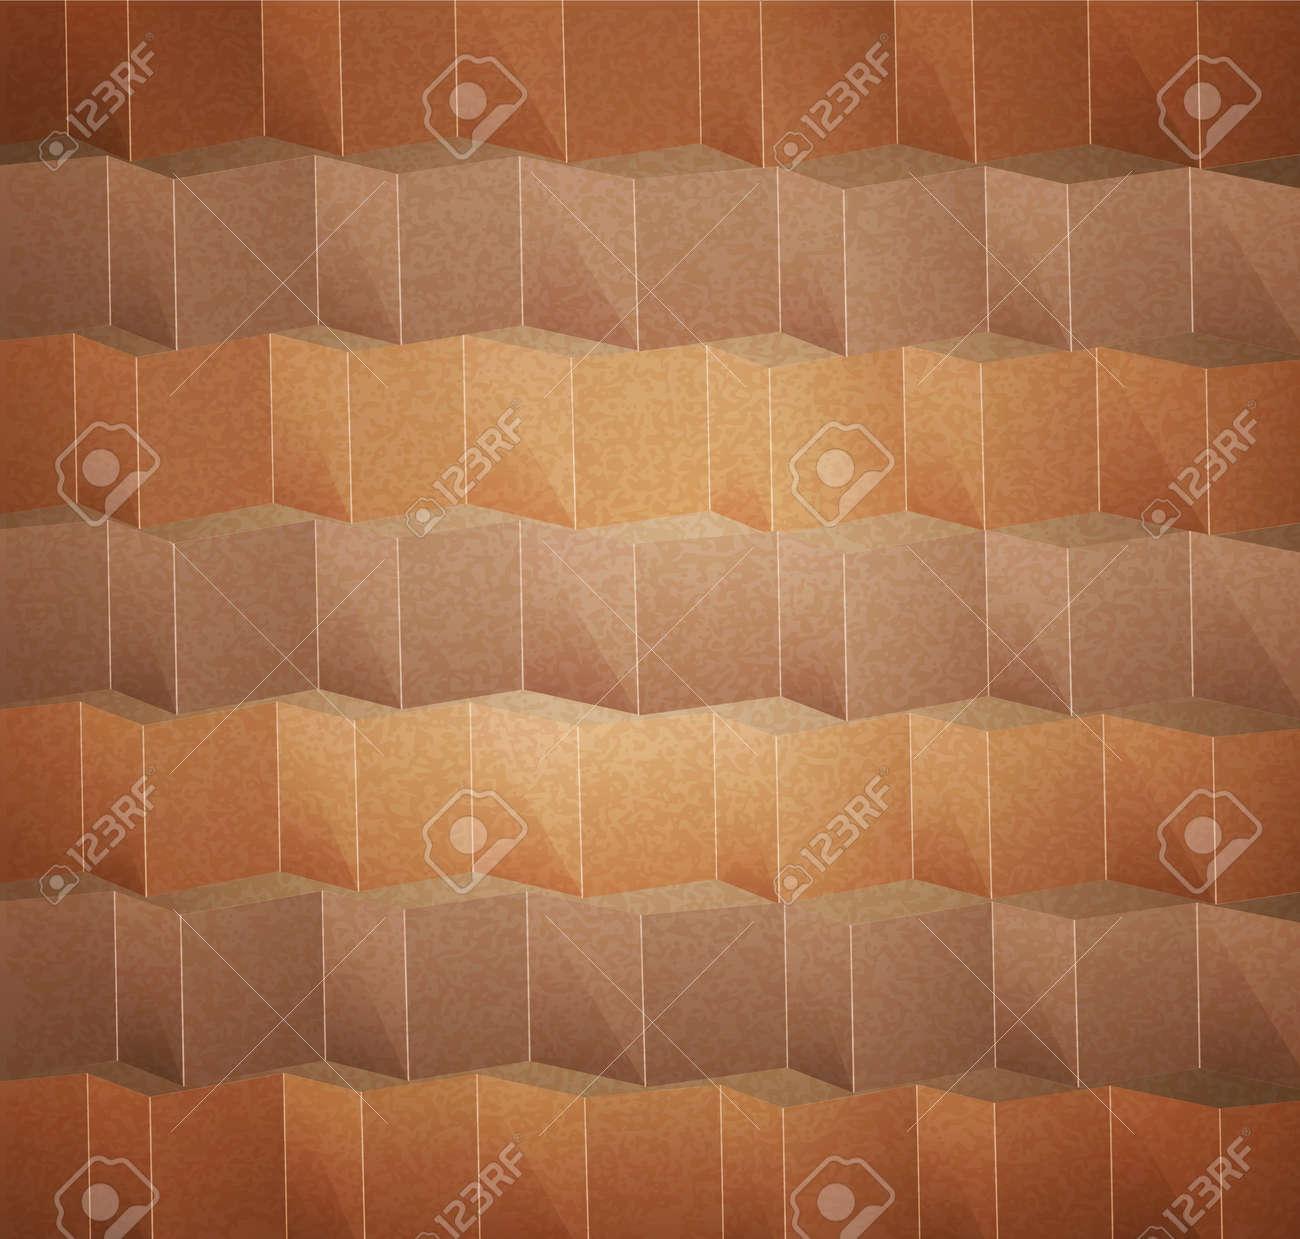 vector beige abstract  background Stock Vector - 12488380